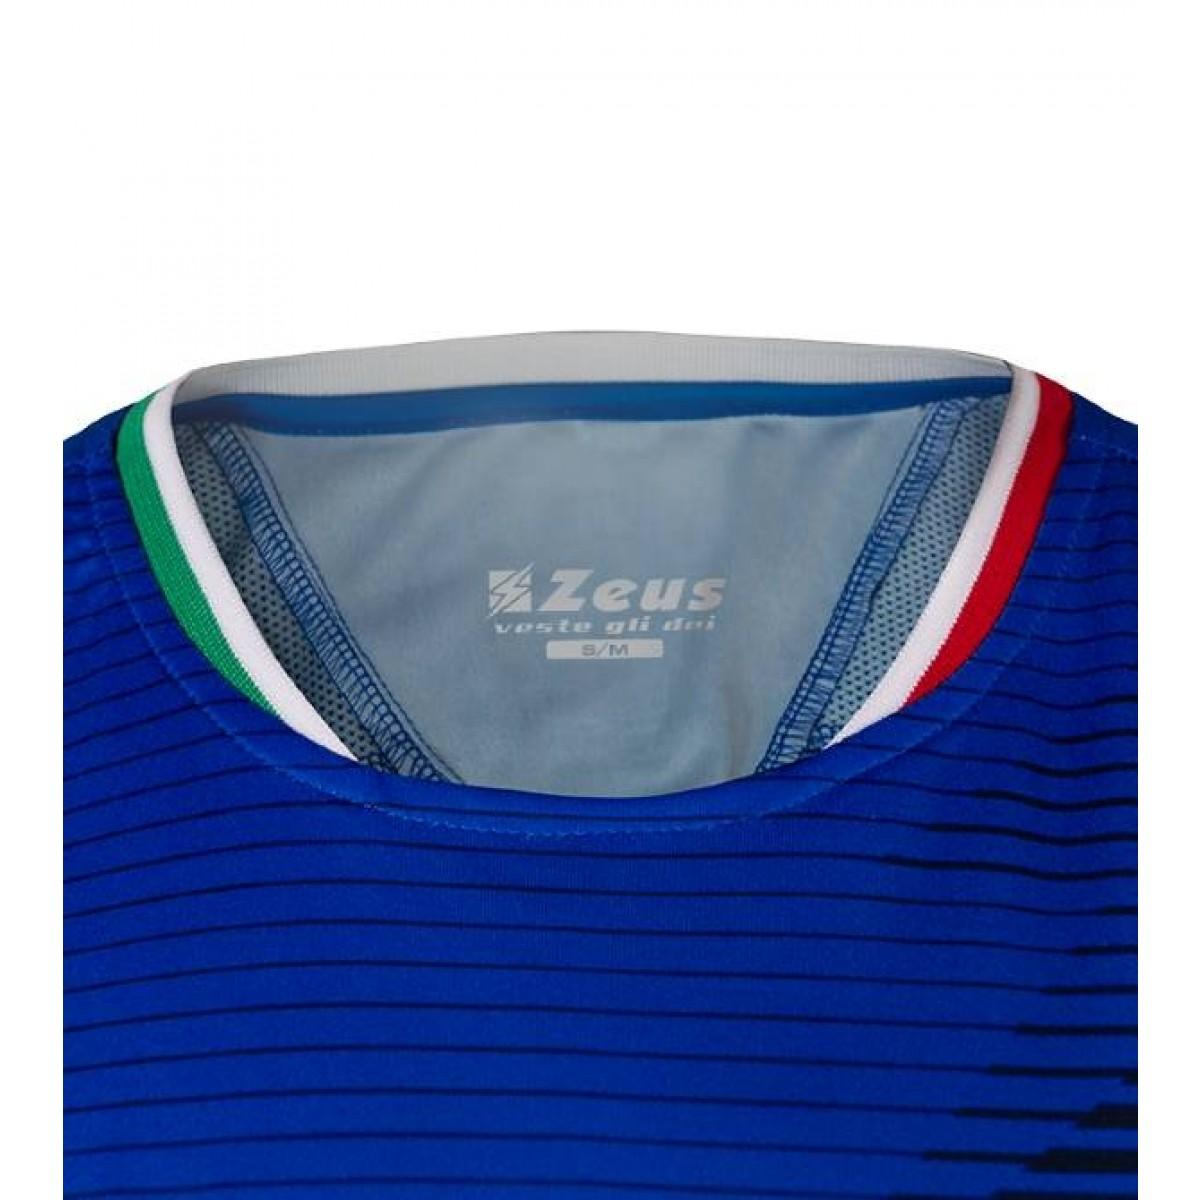 Zeus Mundial spillesaet Italien